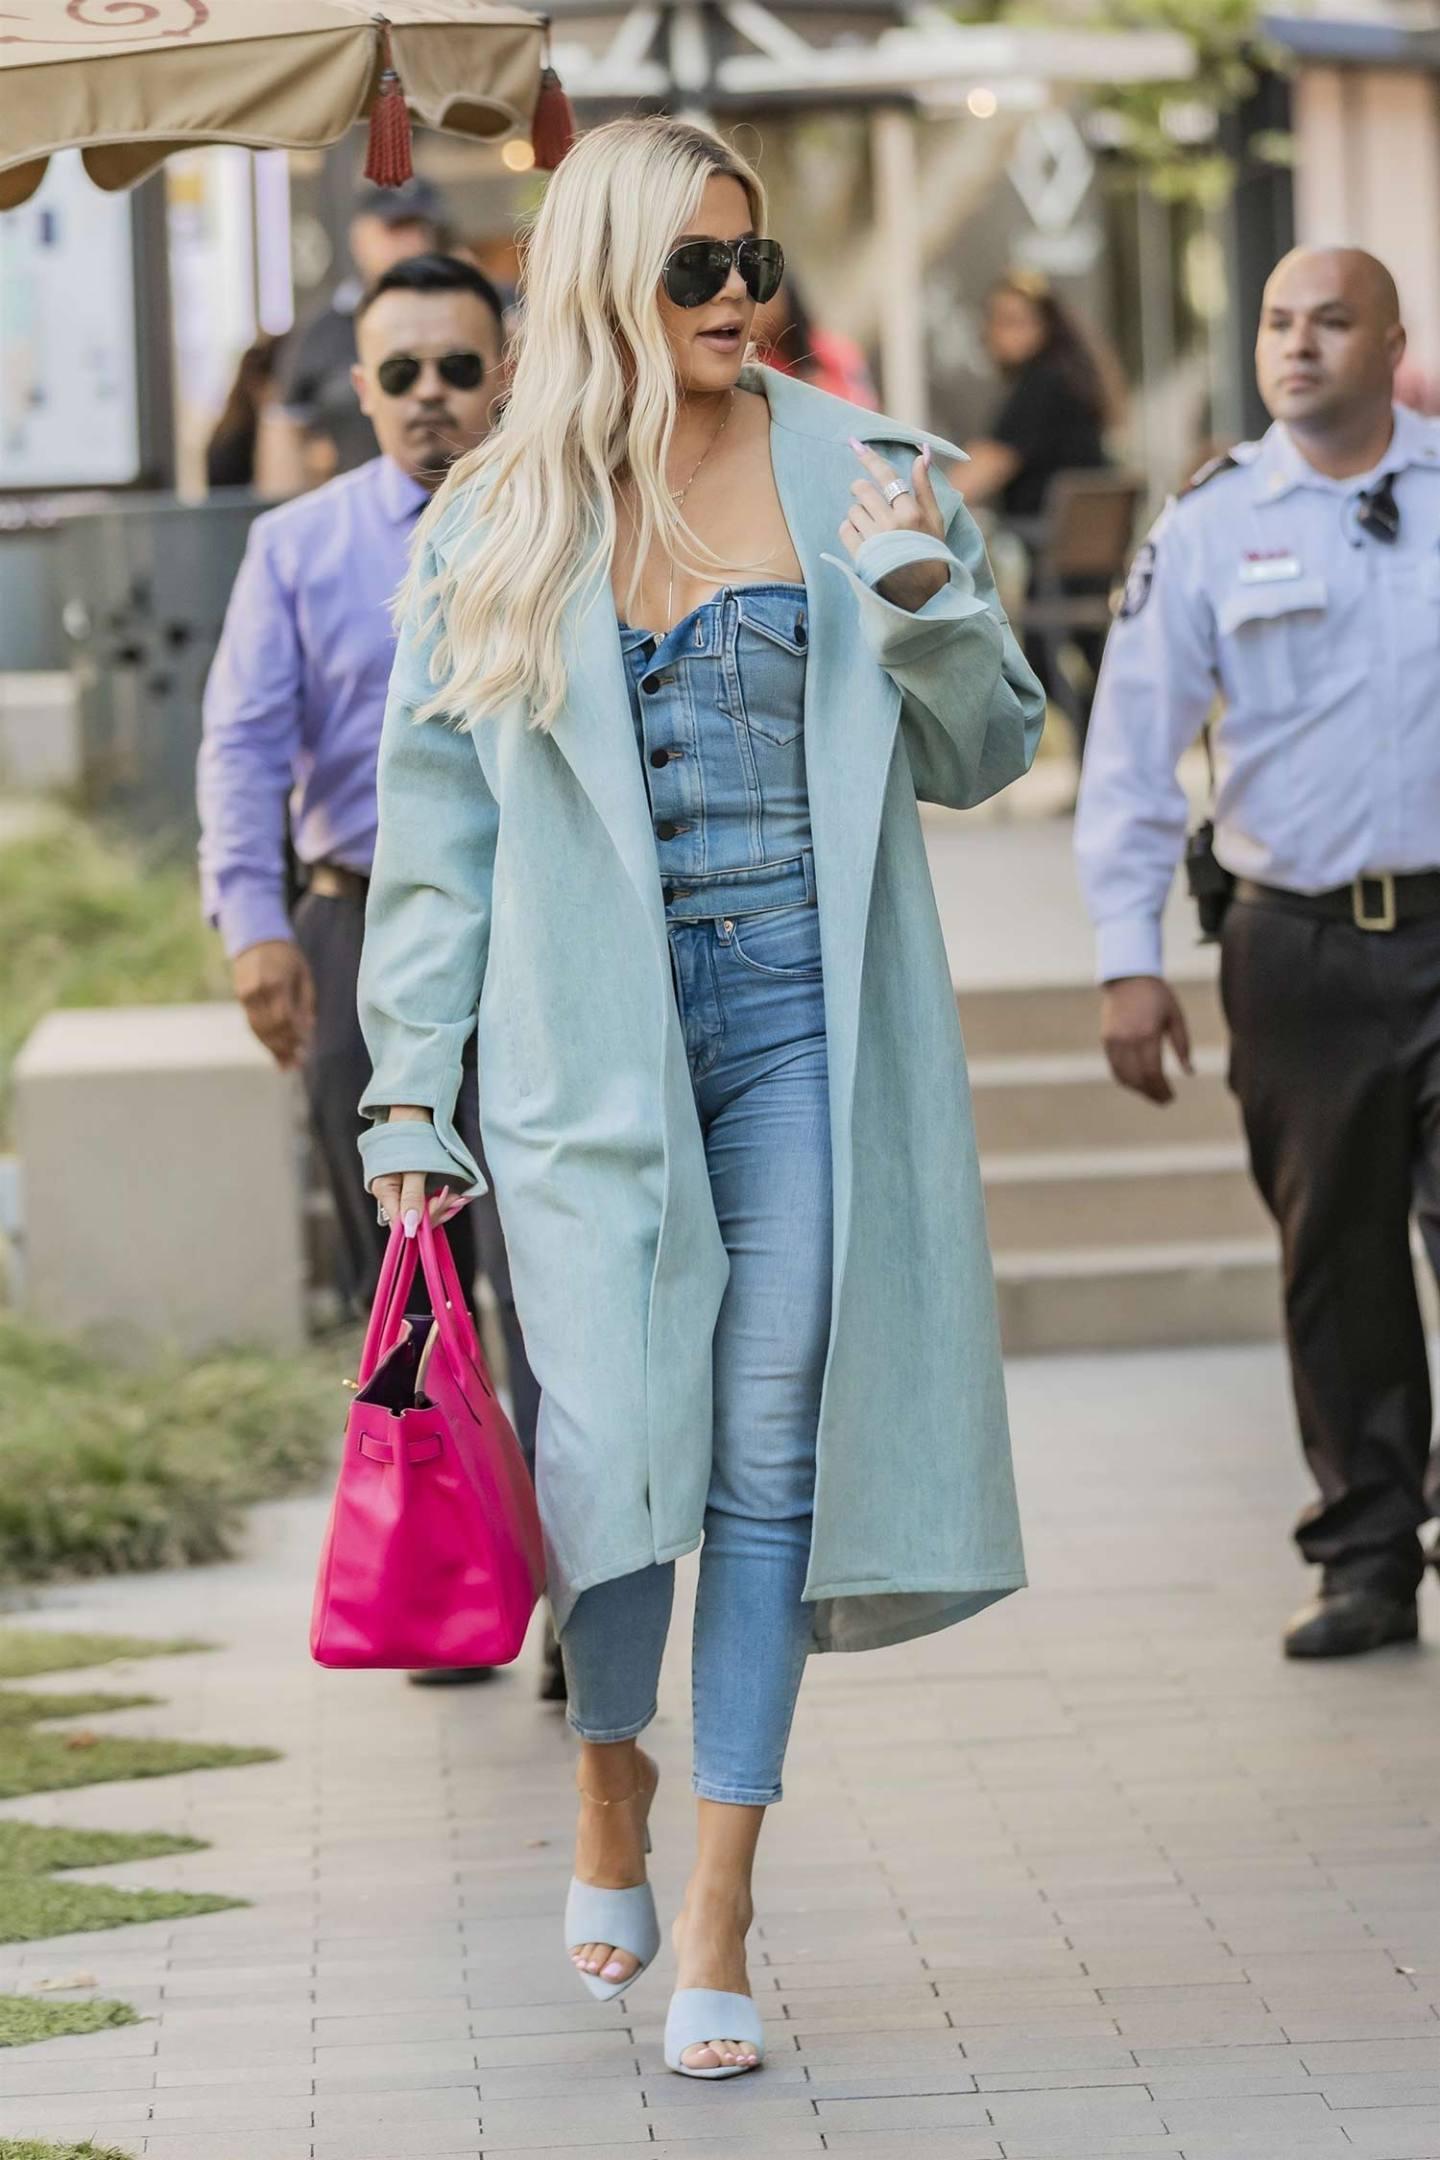 Khloe Kardashian Wears Double Denim